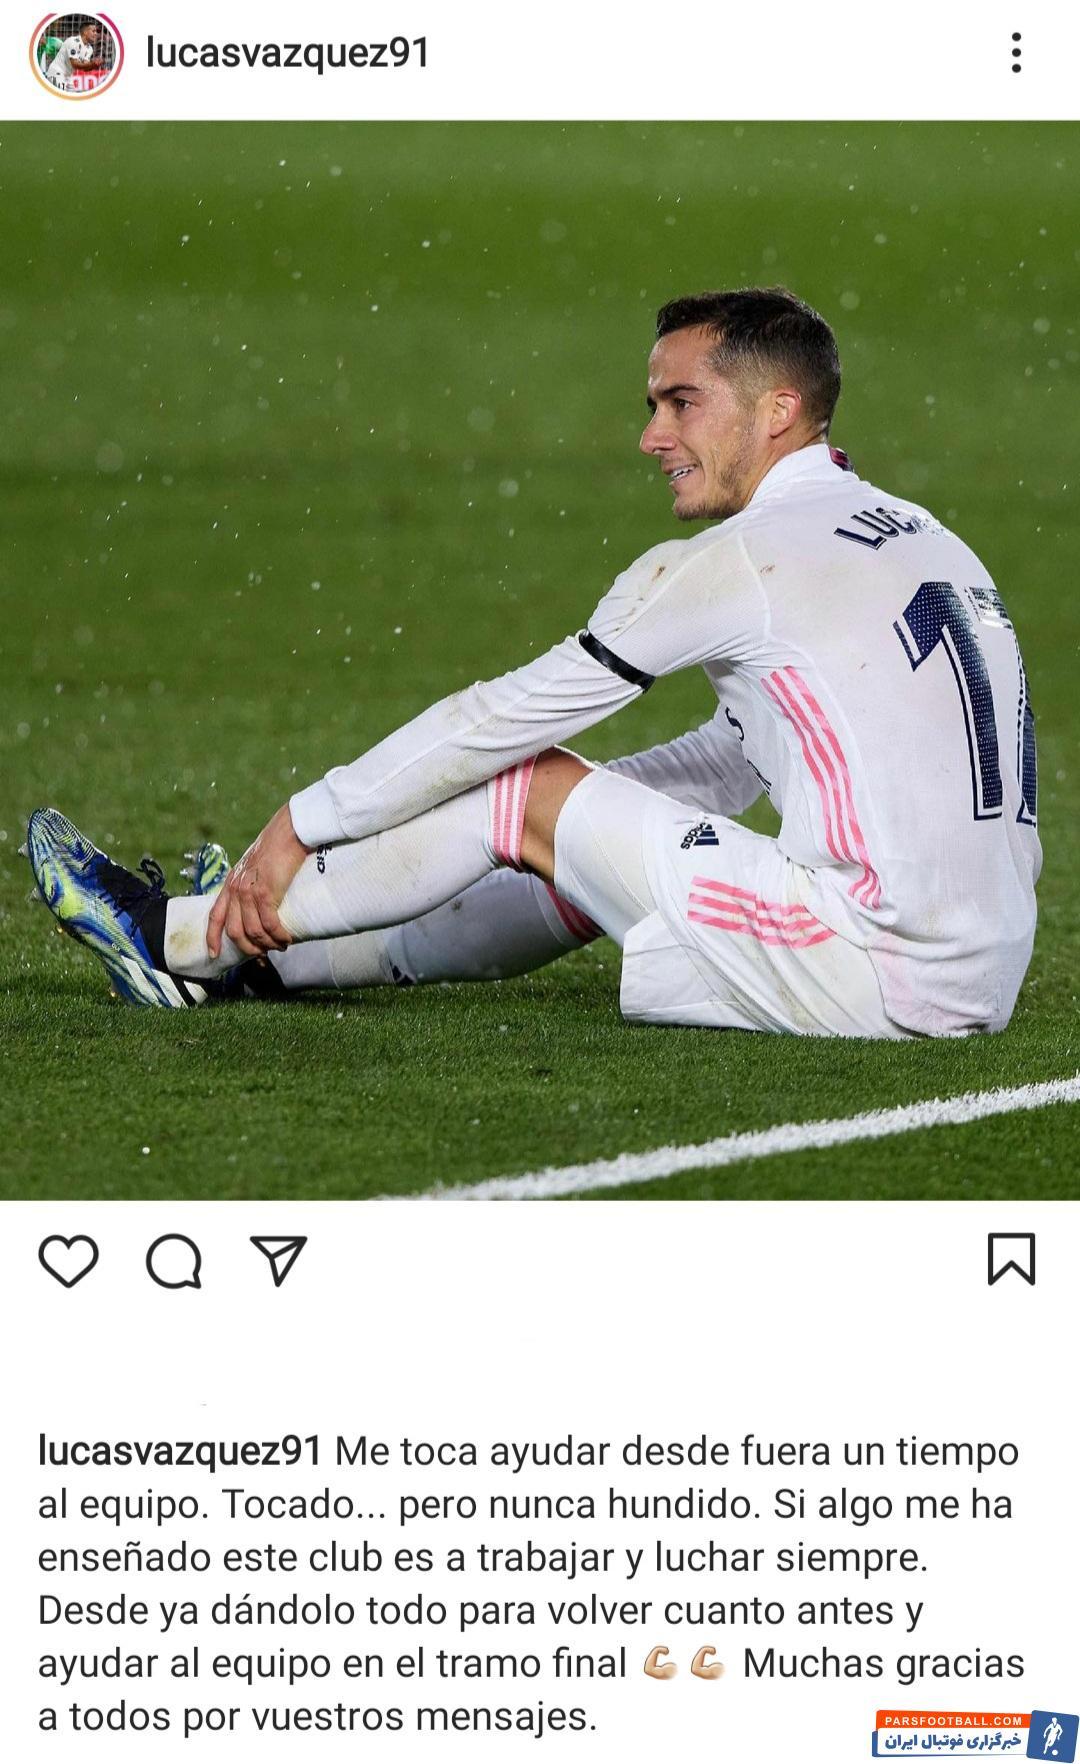 لوکاس واسکز ، ستاره اسپانیایی رئال مادرید، ابراز امیدواری کرد که با انجام ریکاوری مناسب در مقاطع پایانی فصل به ترکیب این تیم اضافه شود.